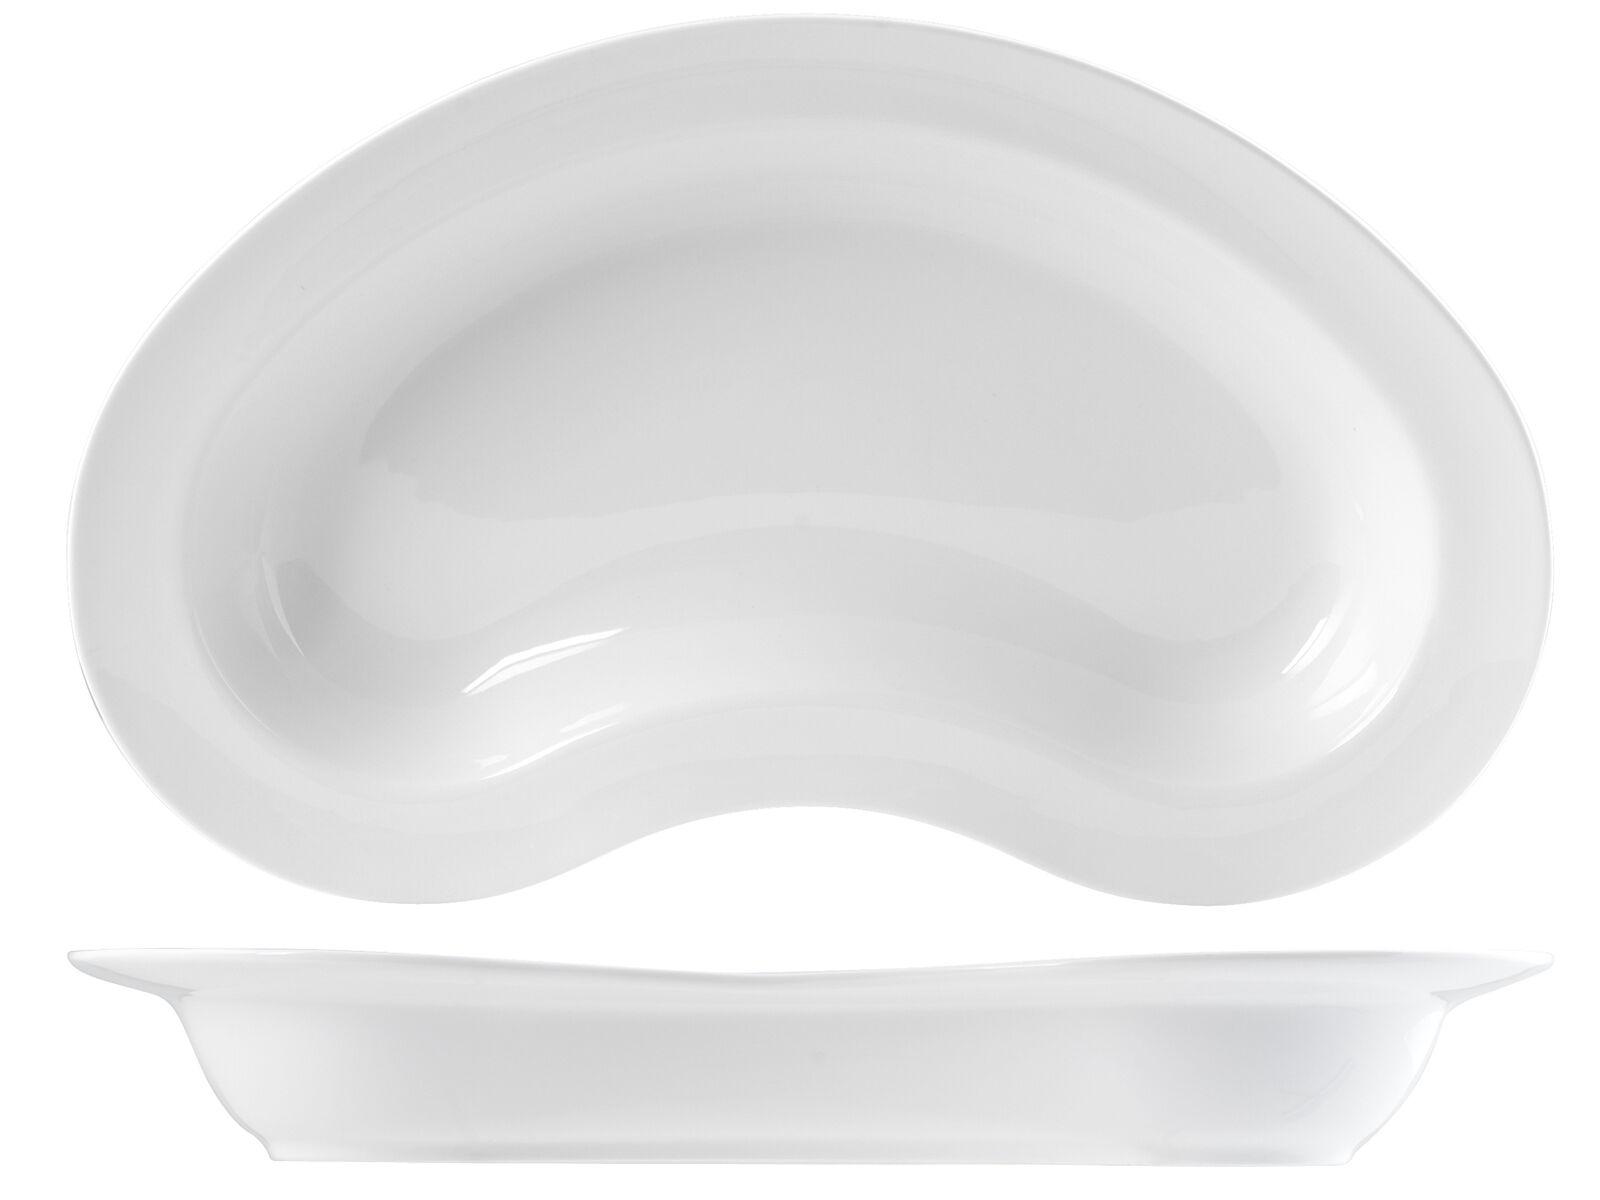 H&H Piatto Porcellana Ovale Cm46 accessorio per la tavola